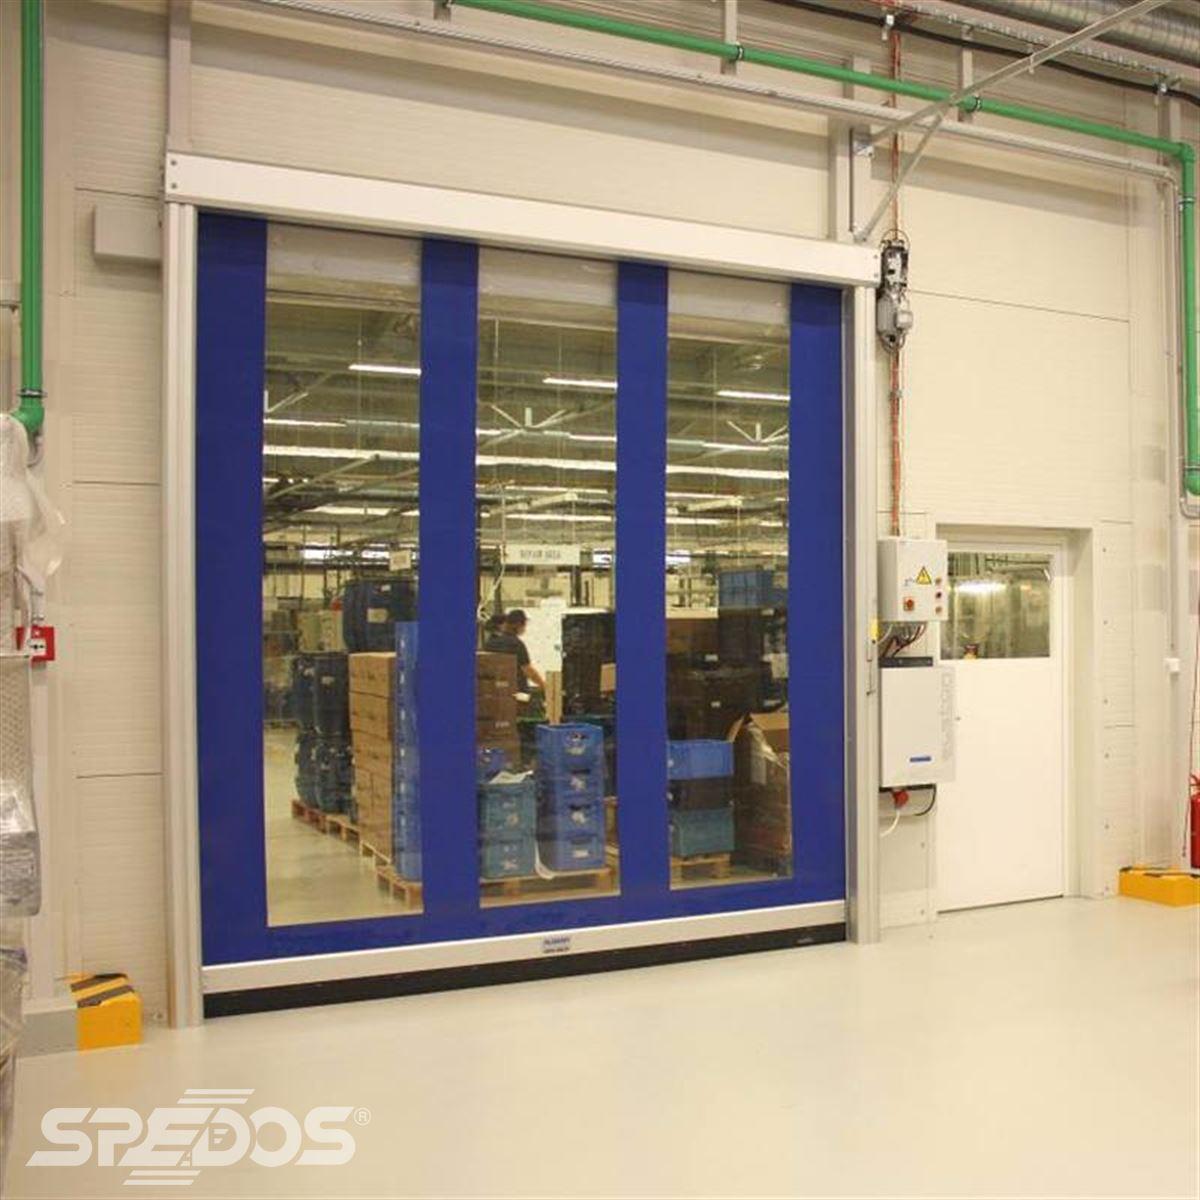 rychloběžná vrata reference pro průmyslový areál Robertshaw